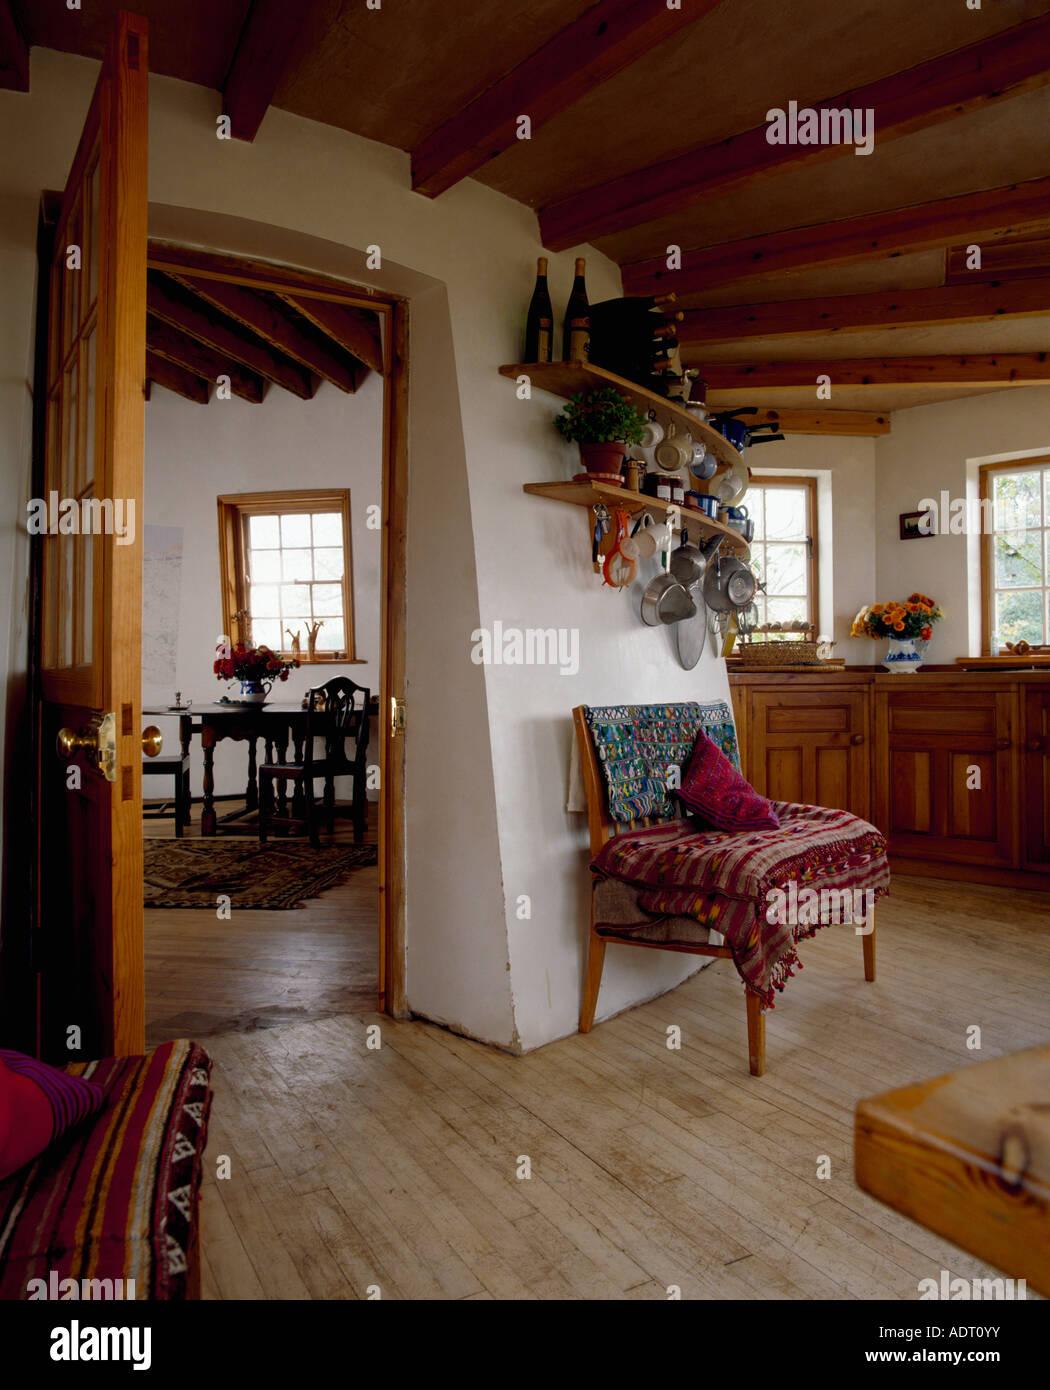 Holzboden in der Küche mit gebogene Wände und Türen öffnen ...